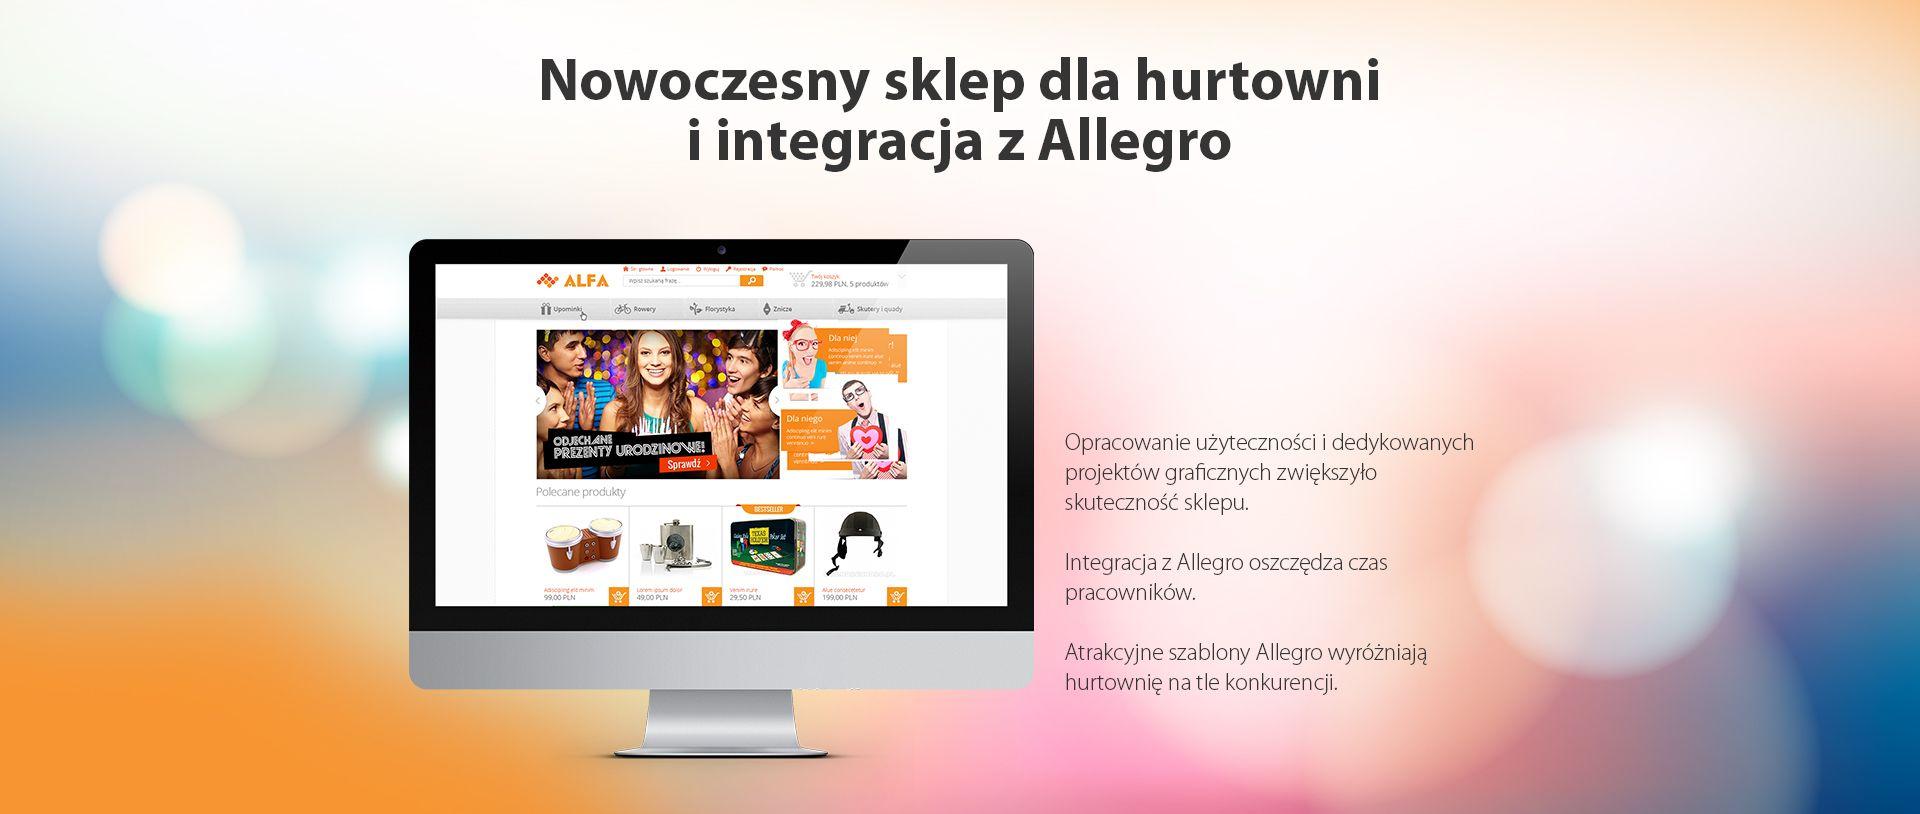 Nowoczesny Sklep Dla Hurtowni I Integracja Z Allegro Migomedia Sklepinternetowy Sklep Internetowy Esklep Tablet Electronic Products